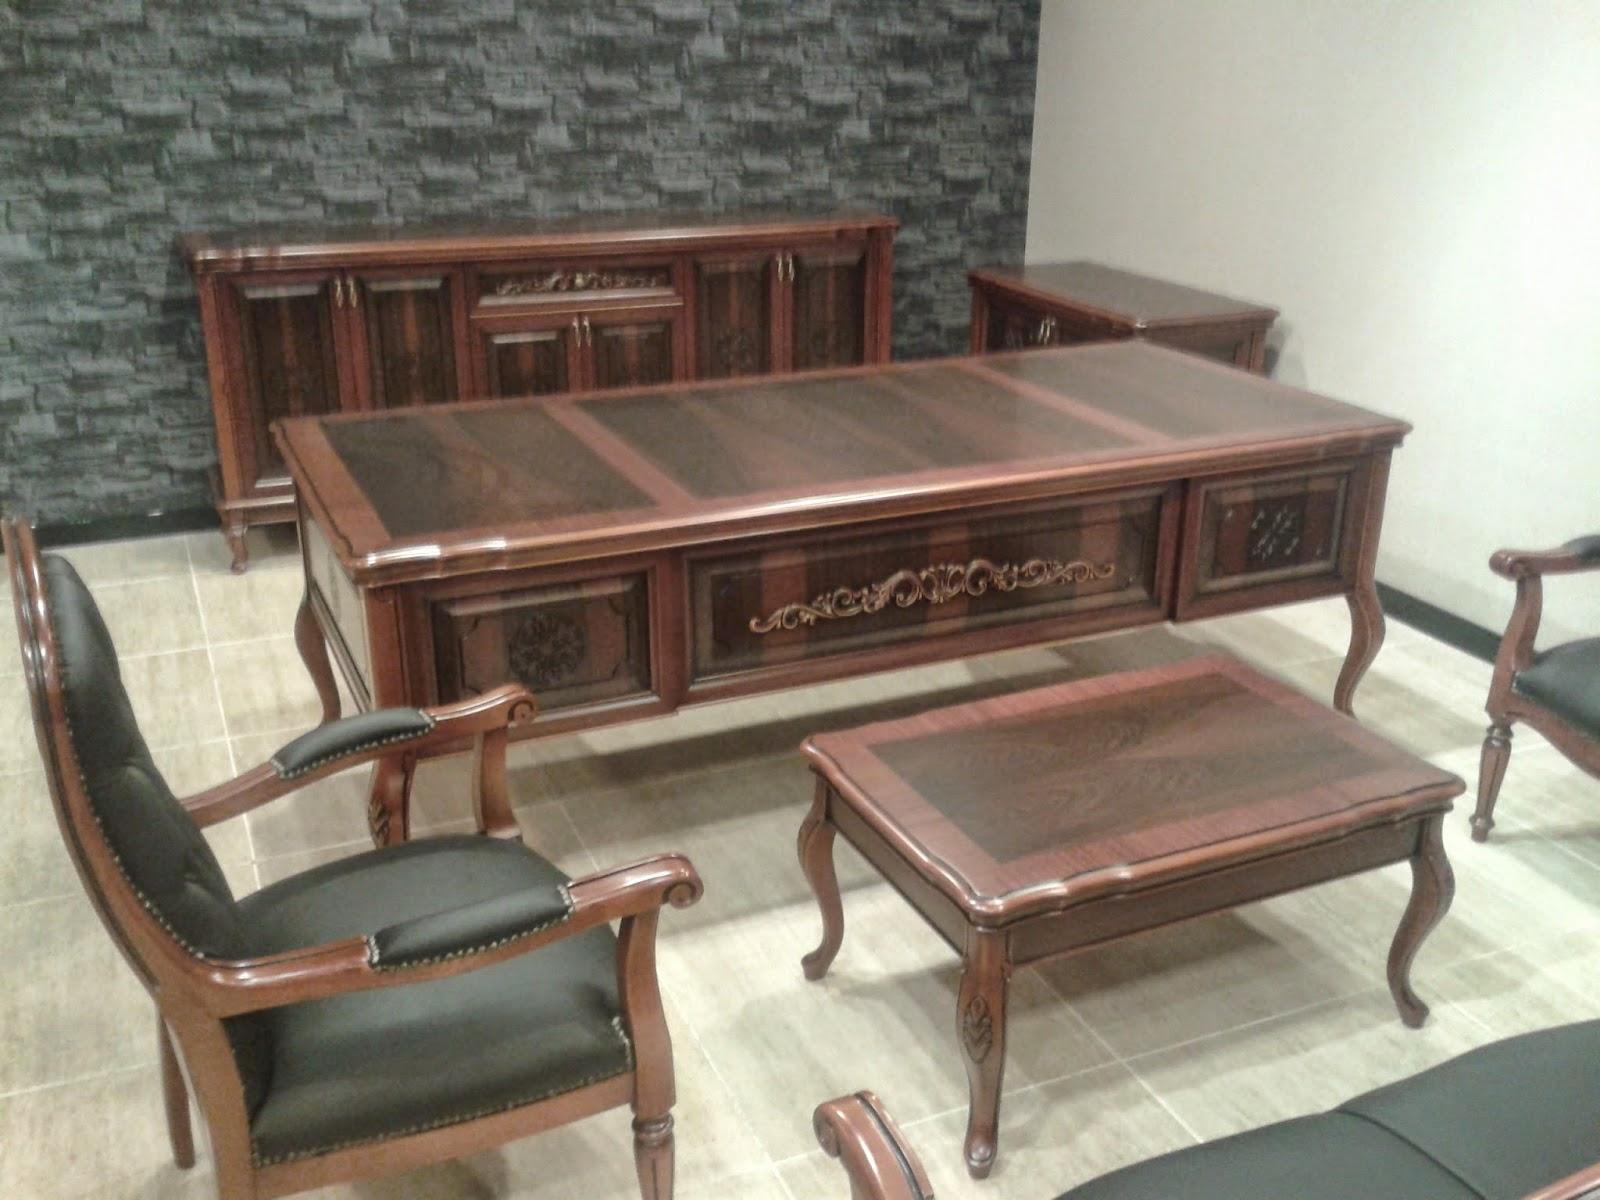 lükens makam masası,makam takımı,ofis masası,ahşap masa,makam takımı,yönetici masası